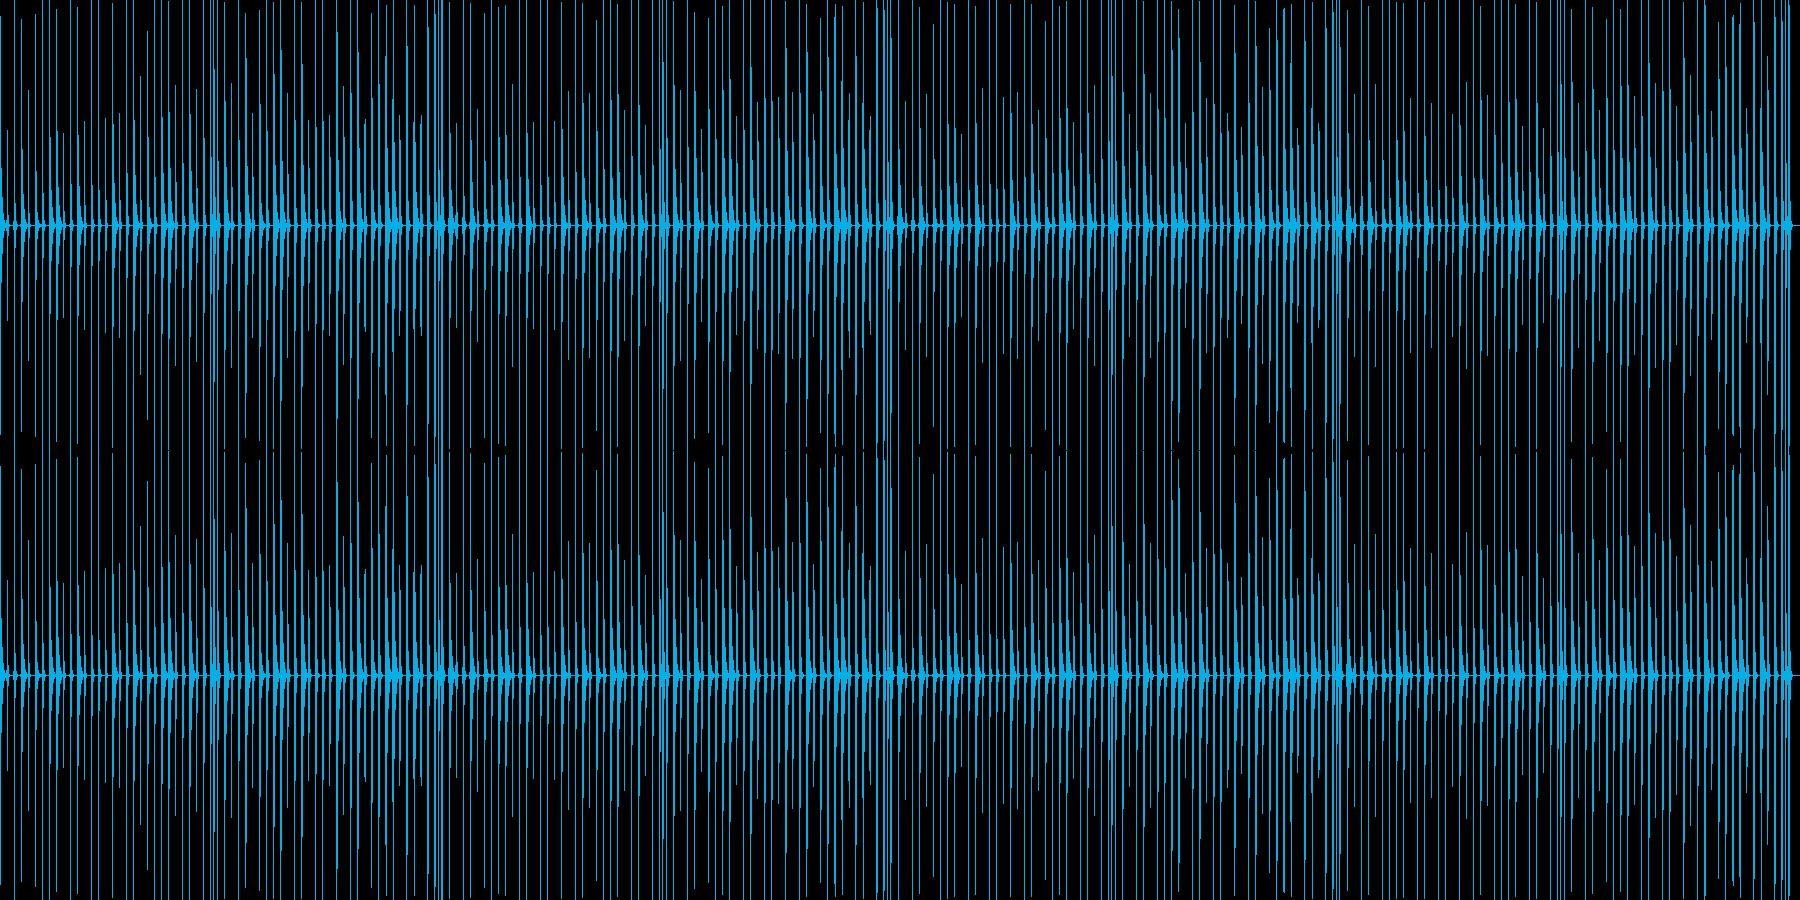 チープなドラムフレーズの再生済みの波形